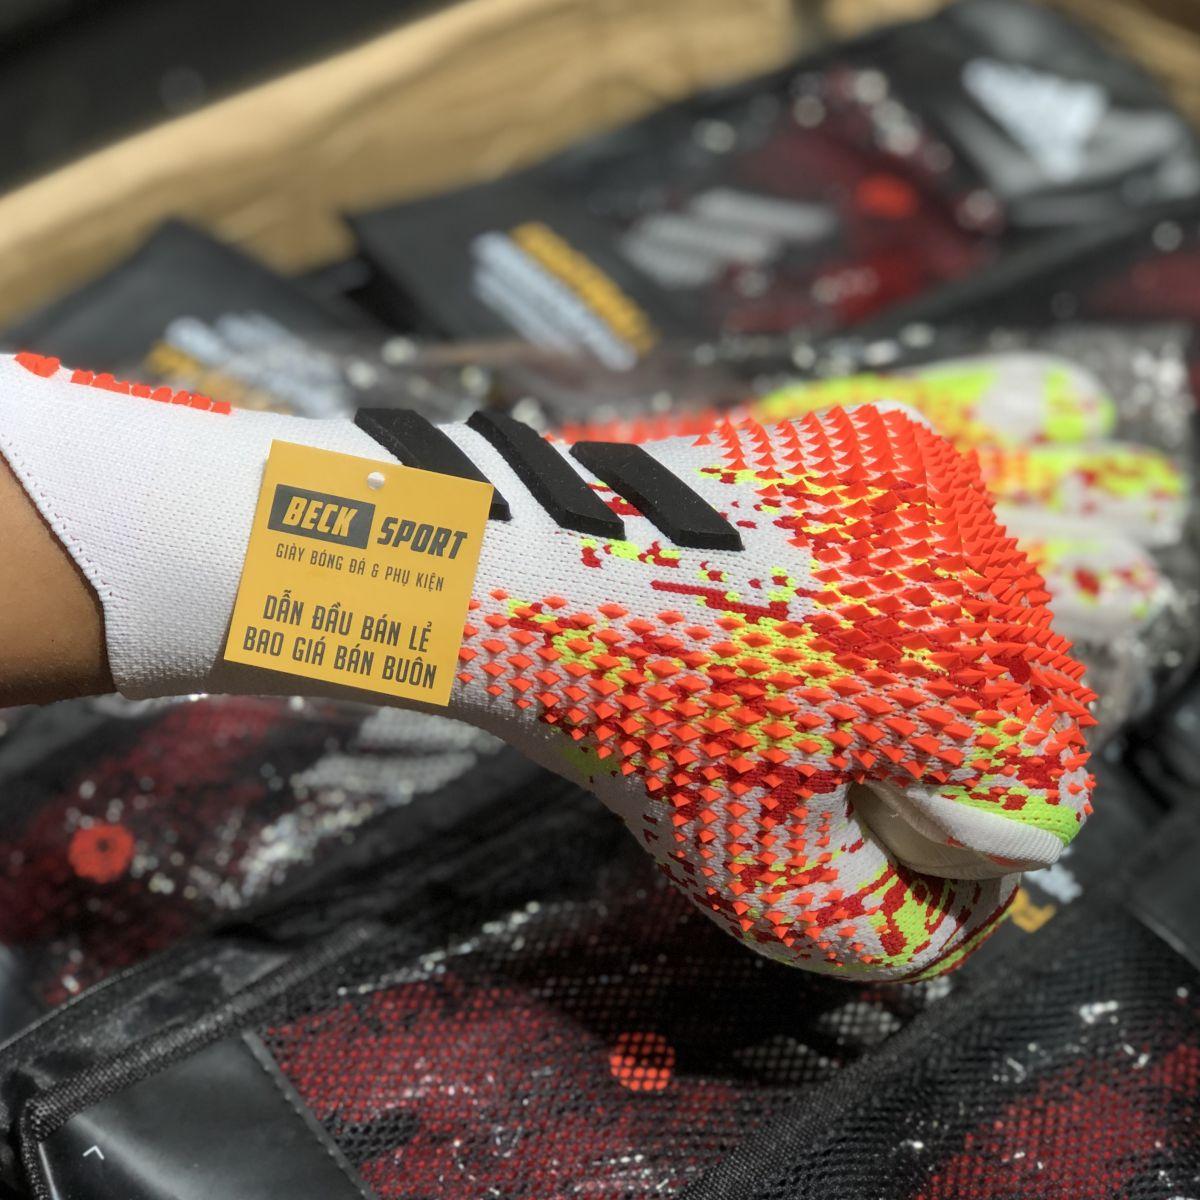 Găng Tay Adidas Predator 20 Pro PC Uniforia Trắng Đỏ Nõn Chuối Vạch Đen Loại 1 ( Không Xương )